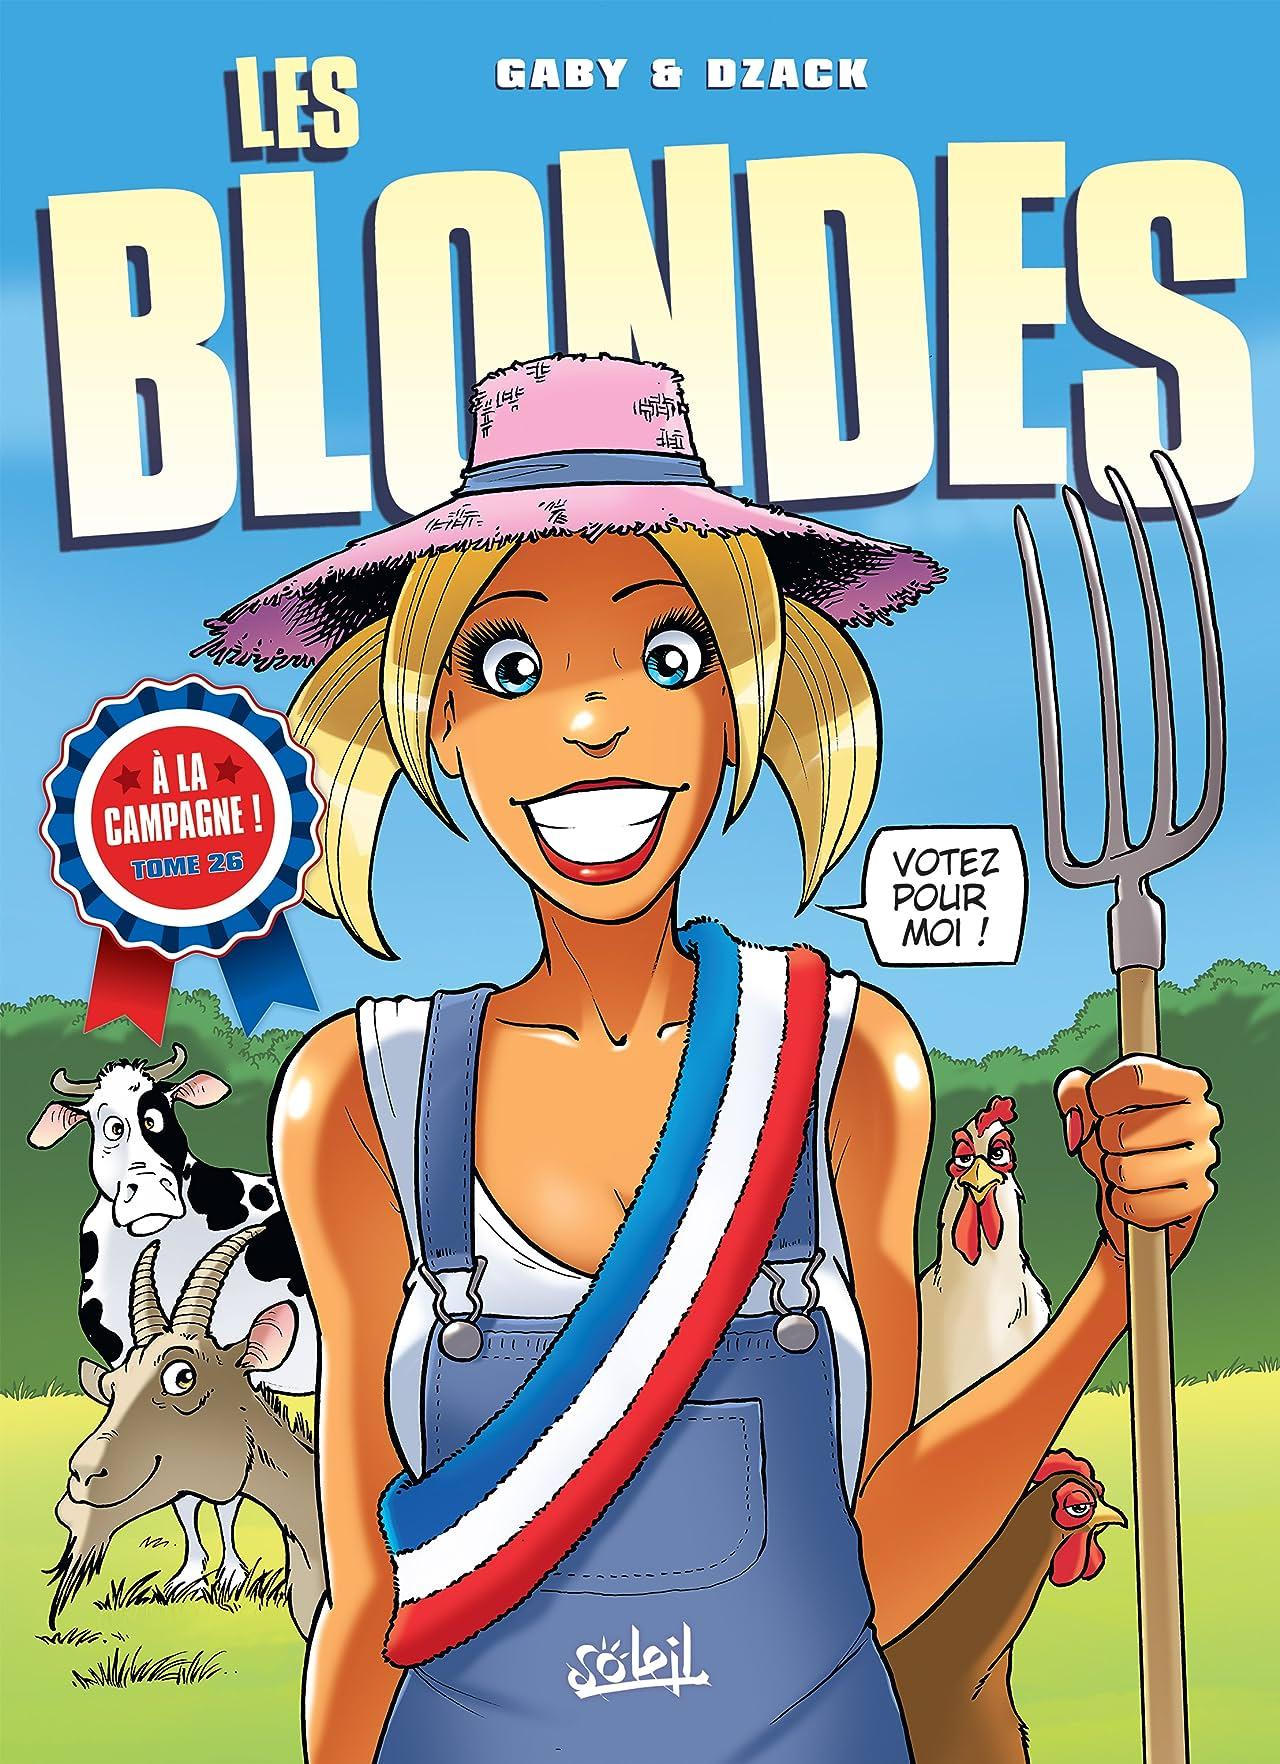 Les Blondes Vol. 26: Les Blondes en campagne